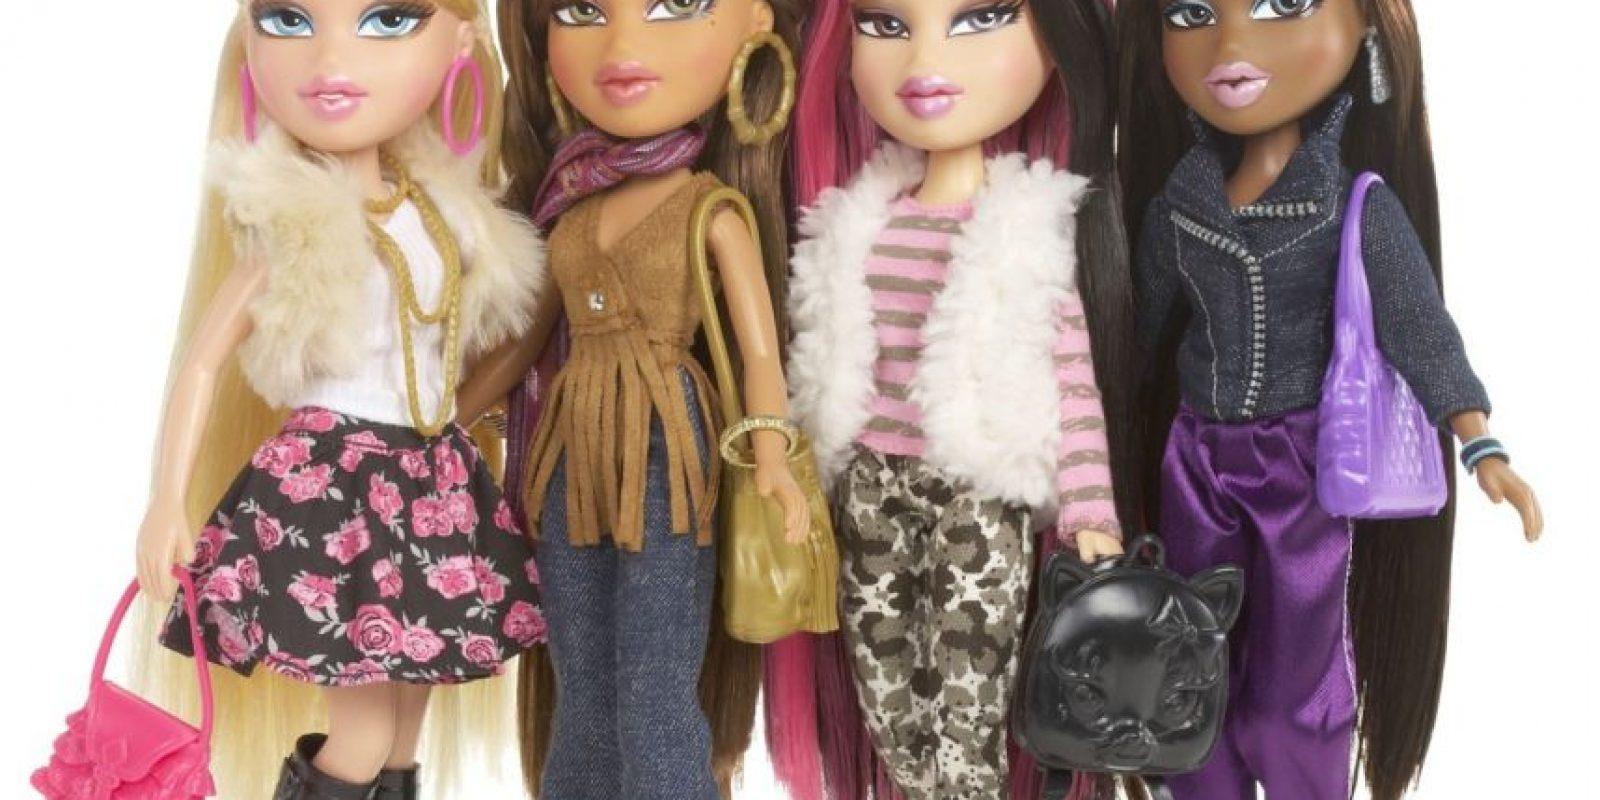 Han tenido varias colecciones a través del tiempo. Son las que más han tenido éxito frente a Barbie. Foto:MGAE